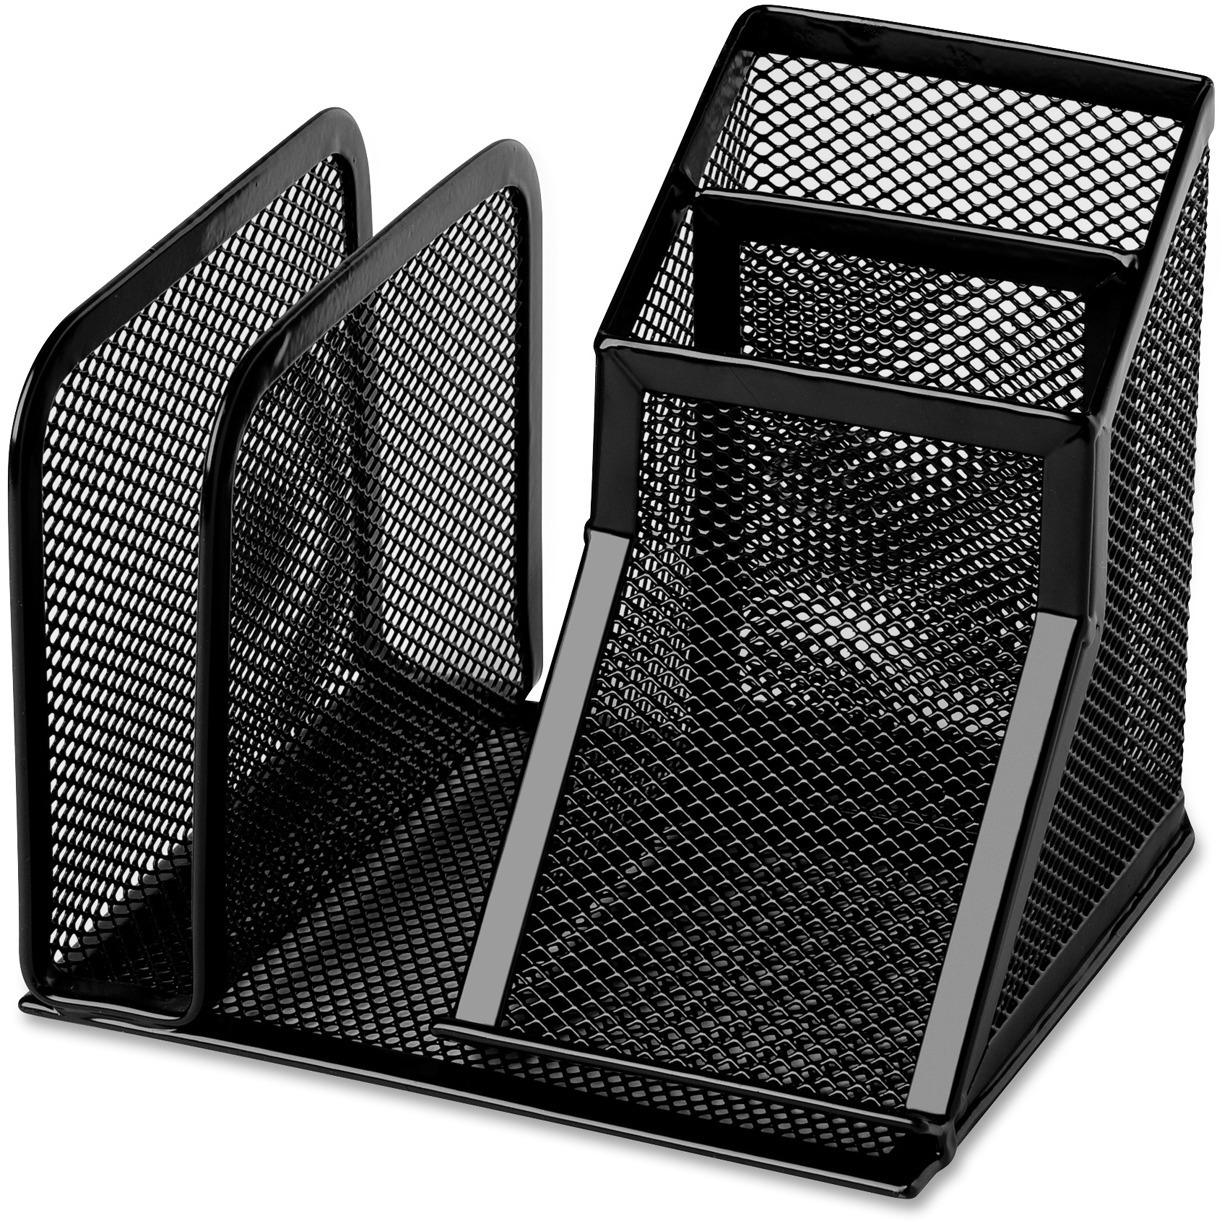 4 Compartment S Desktop Black Steel